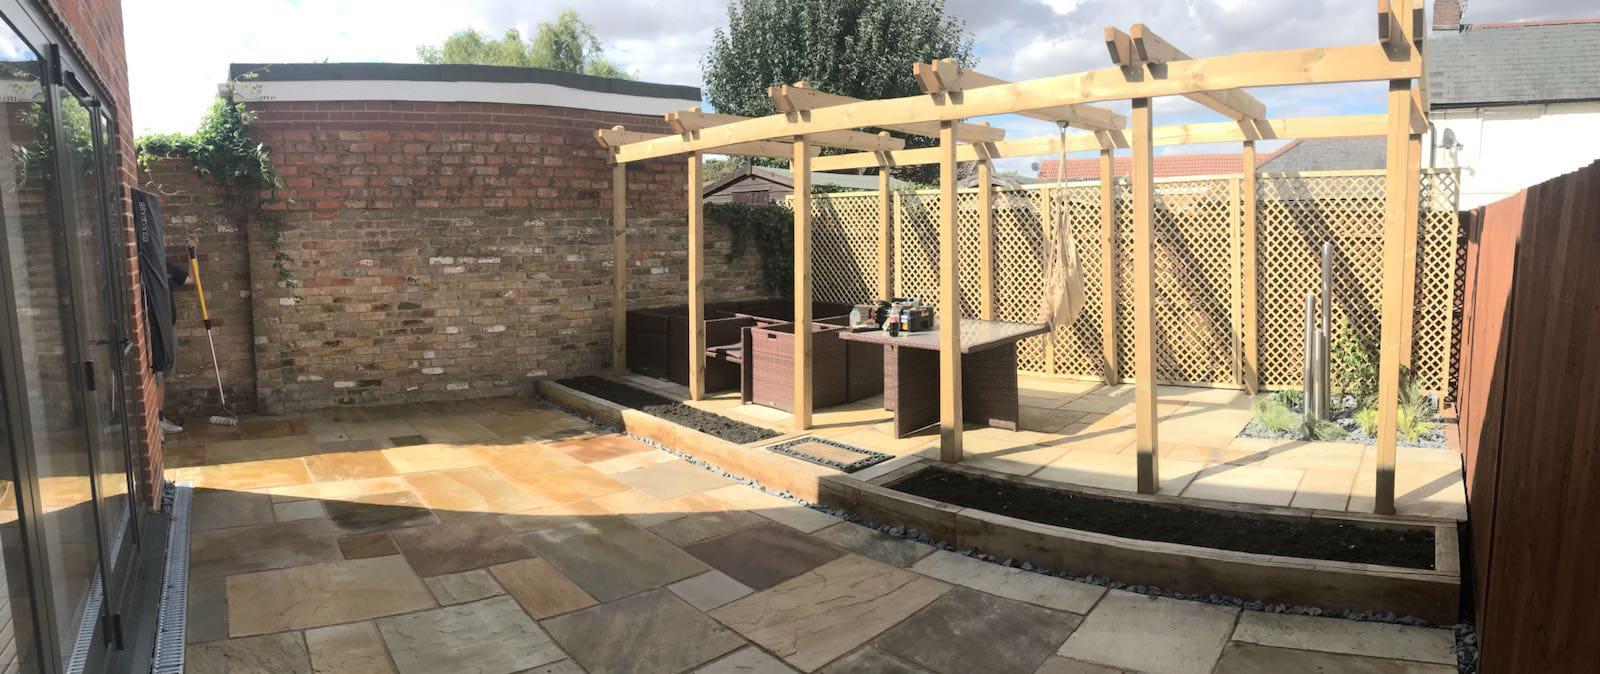 Linda's Garden Design and Build - Stevenage, Hertfordshire